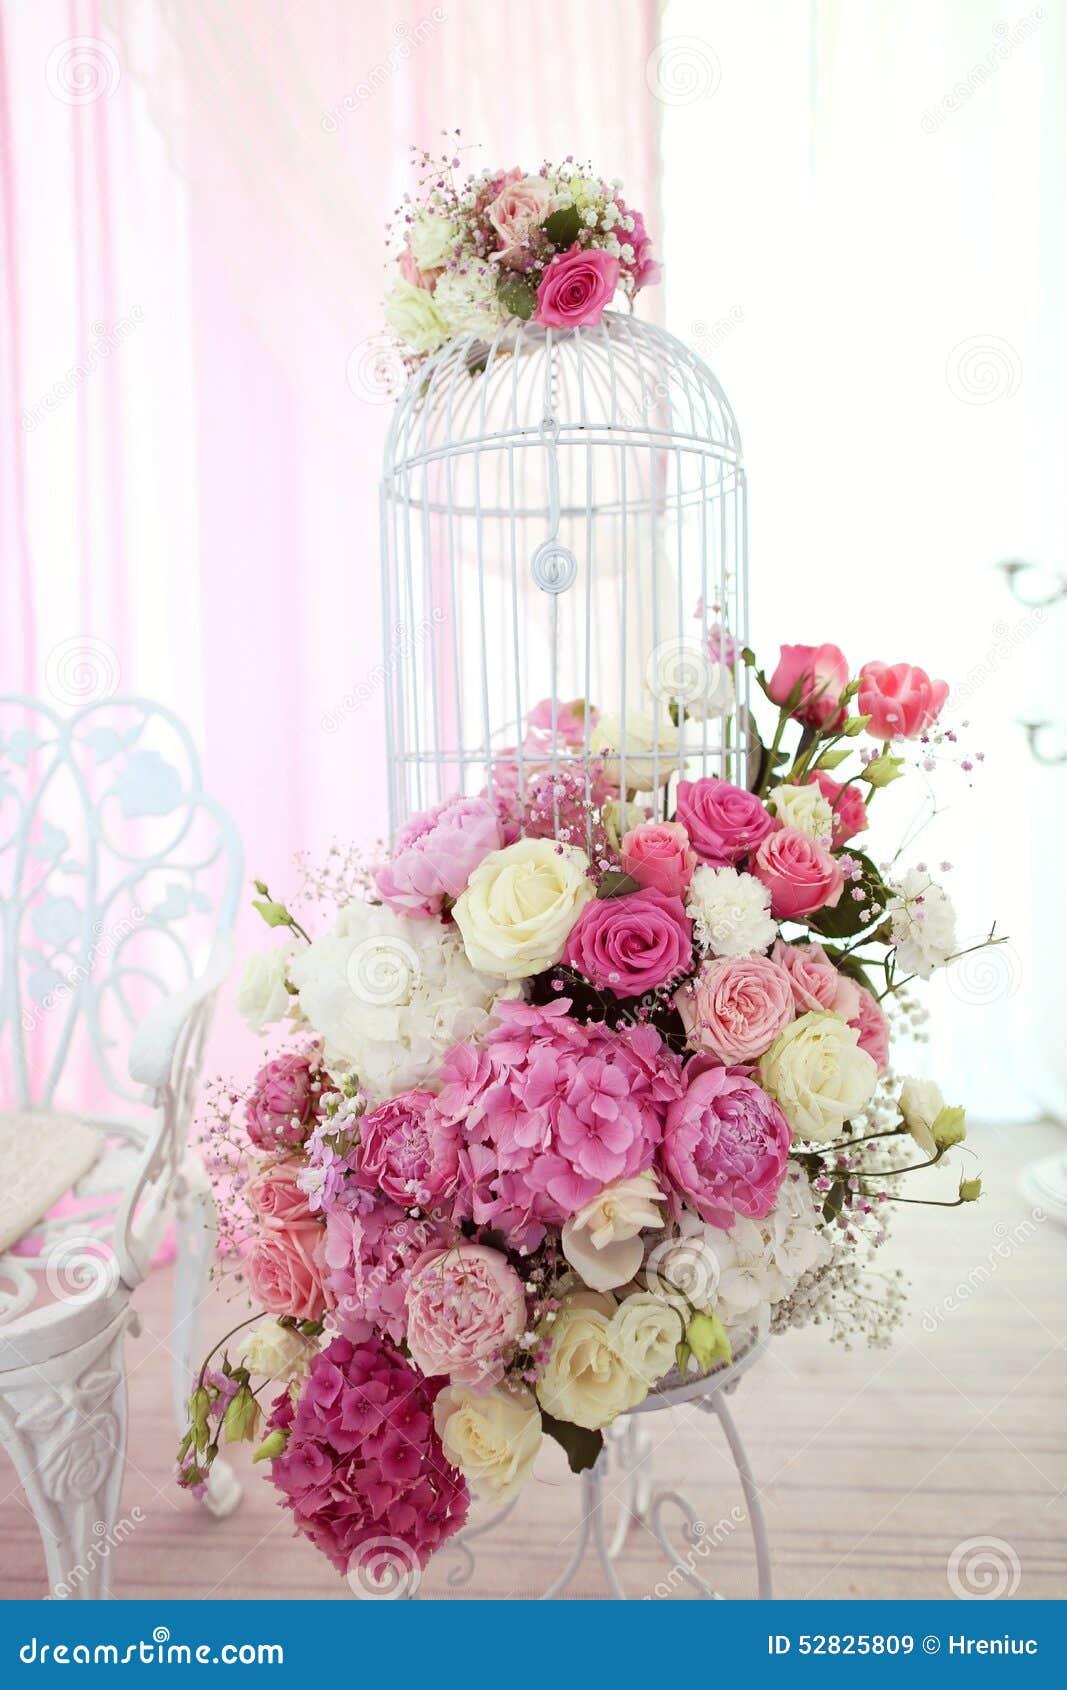 Flores wedding la decoración